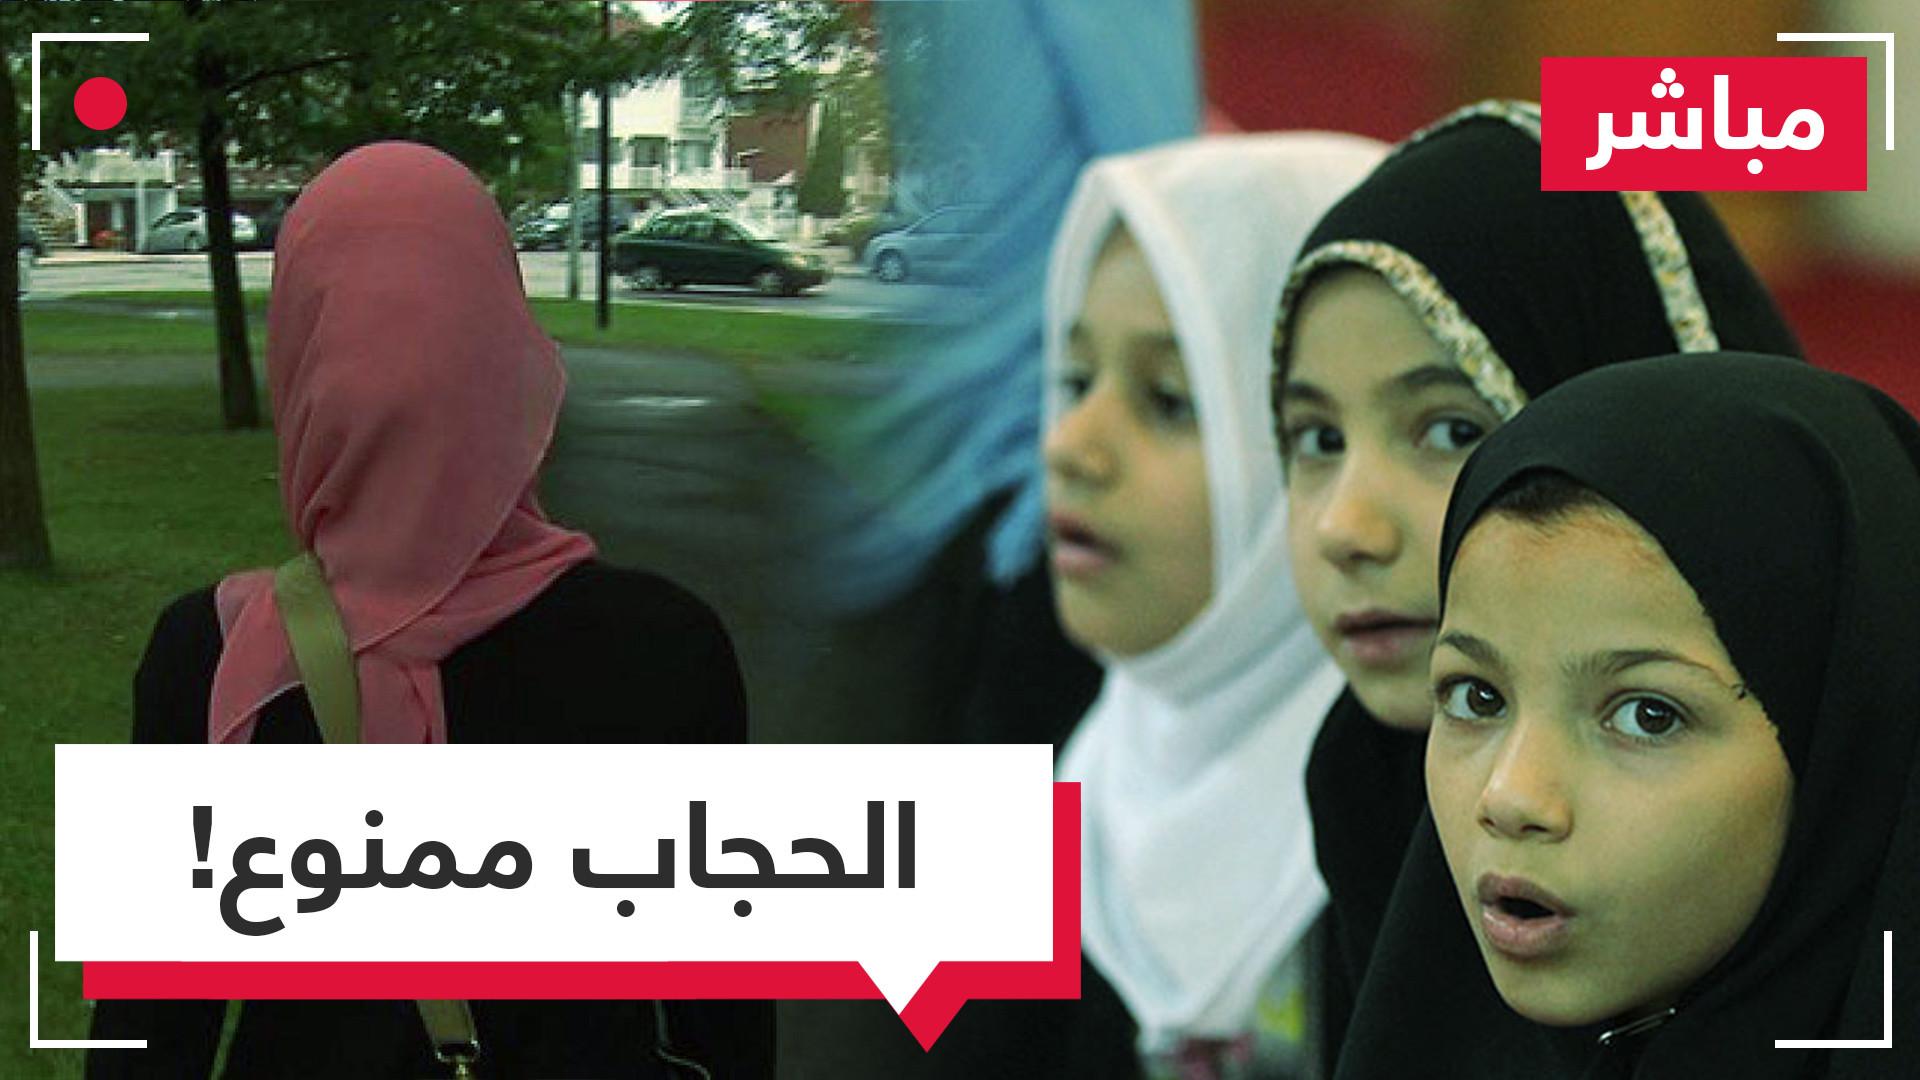 في النمسا وفرنسا.. منع الحجاب بالمدارس الابتدائية أو ارتدائه رفقة التلاميذ!